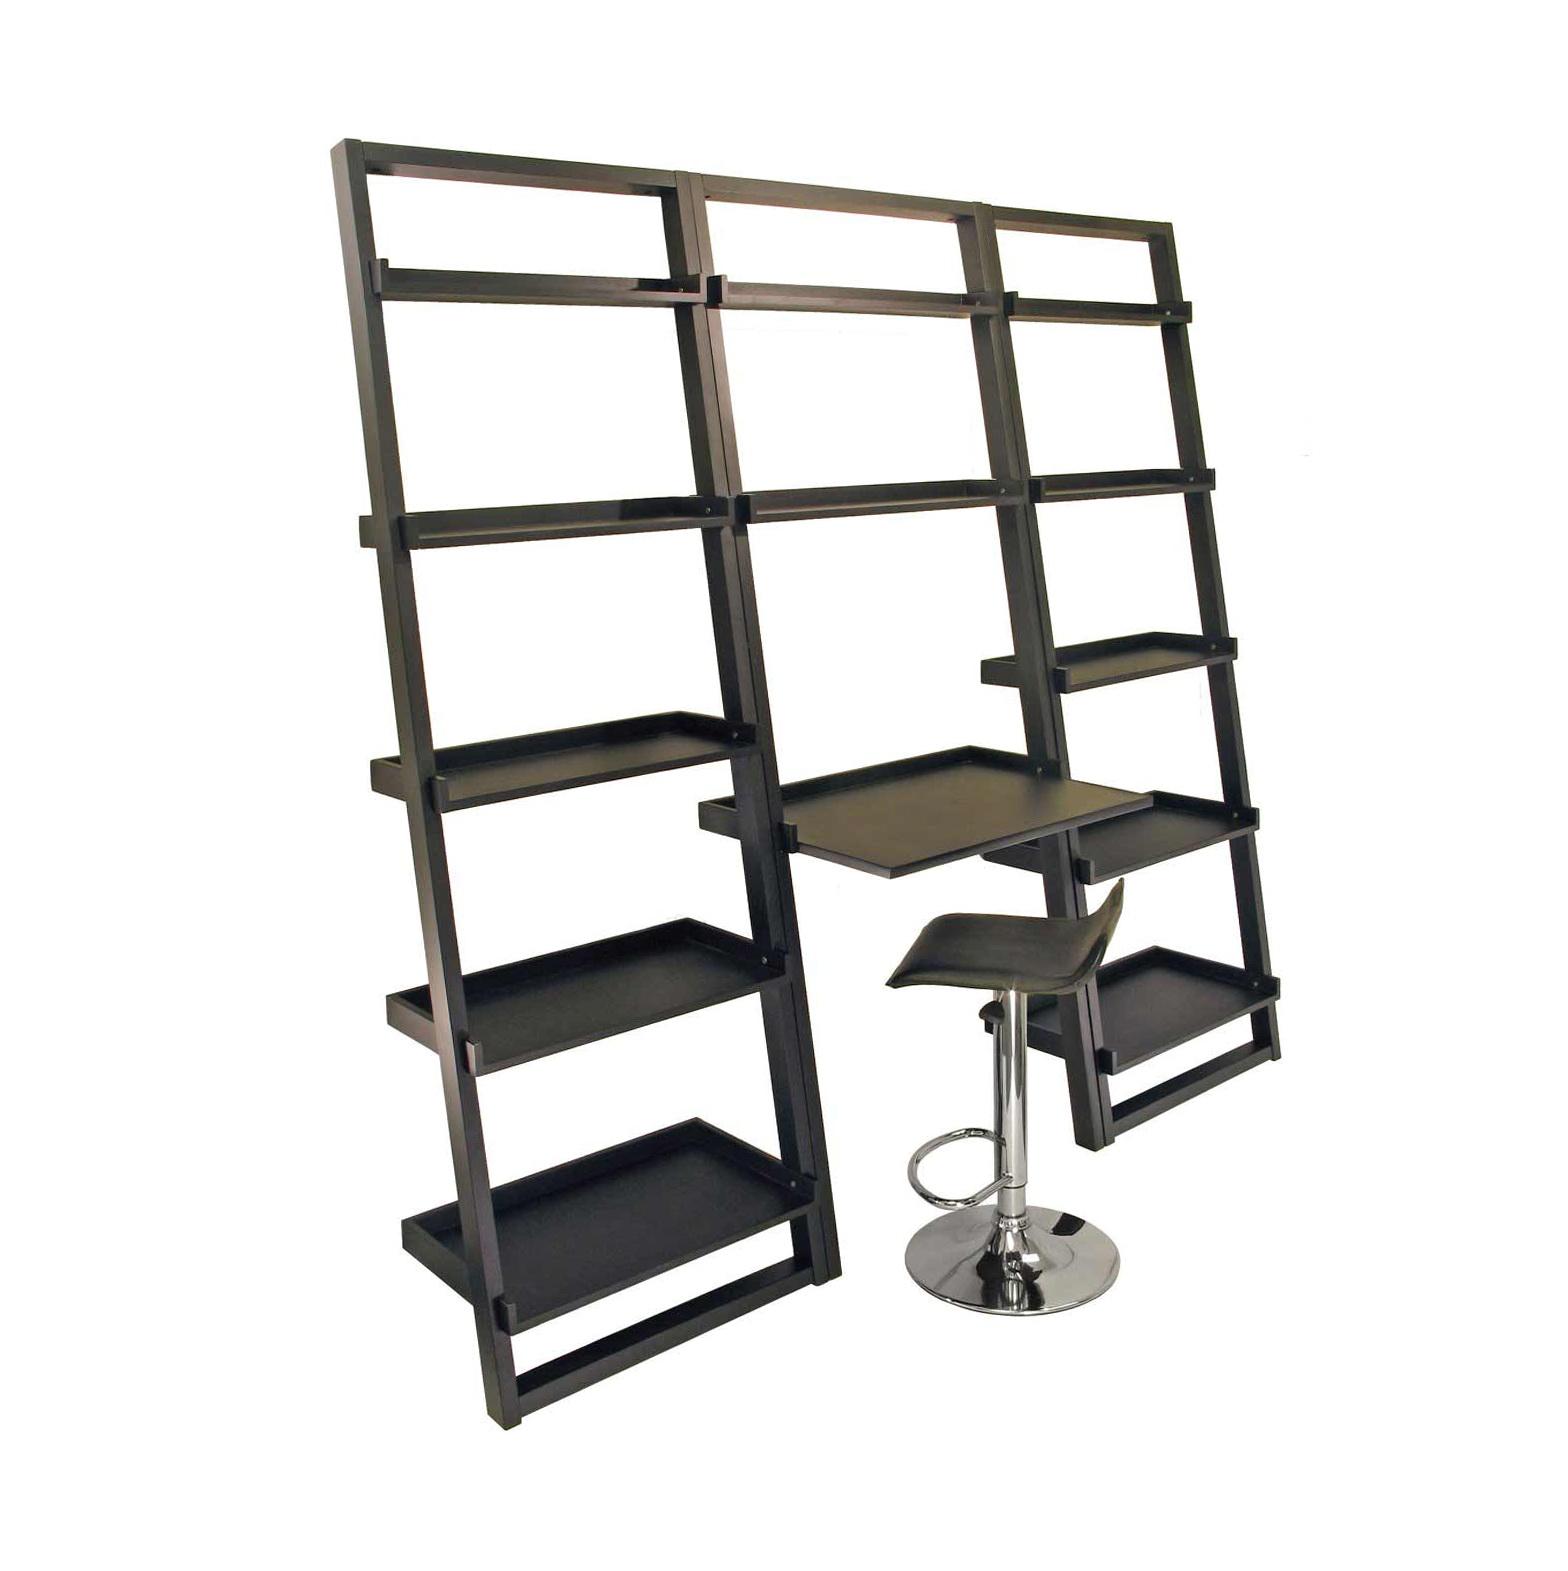 Leaning Wall Shelf Ikea